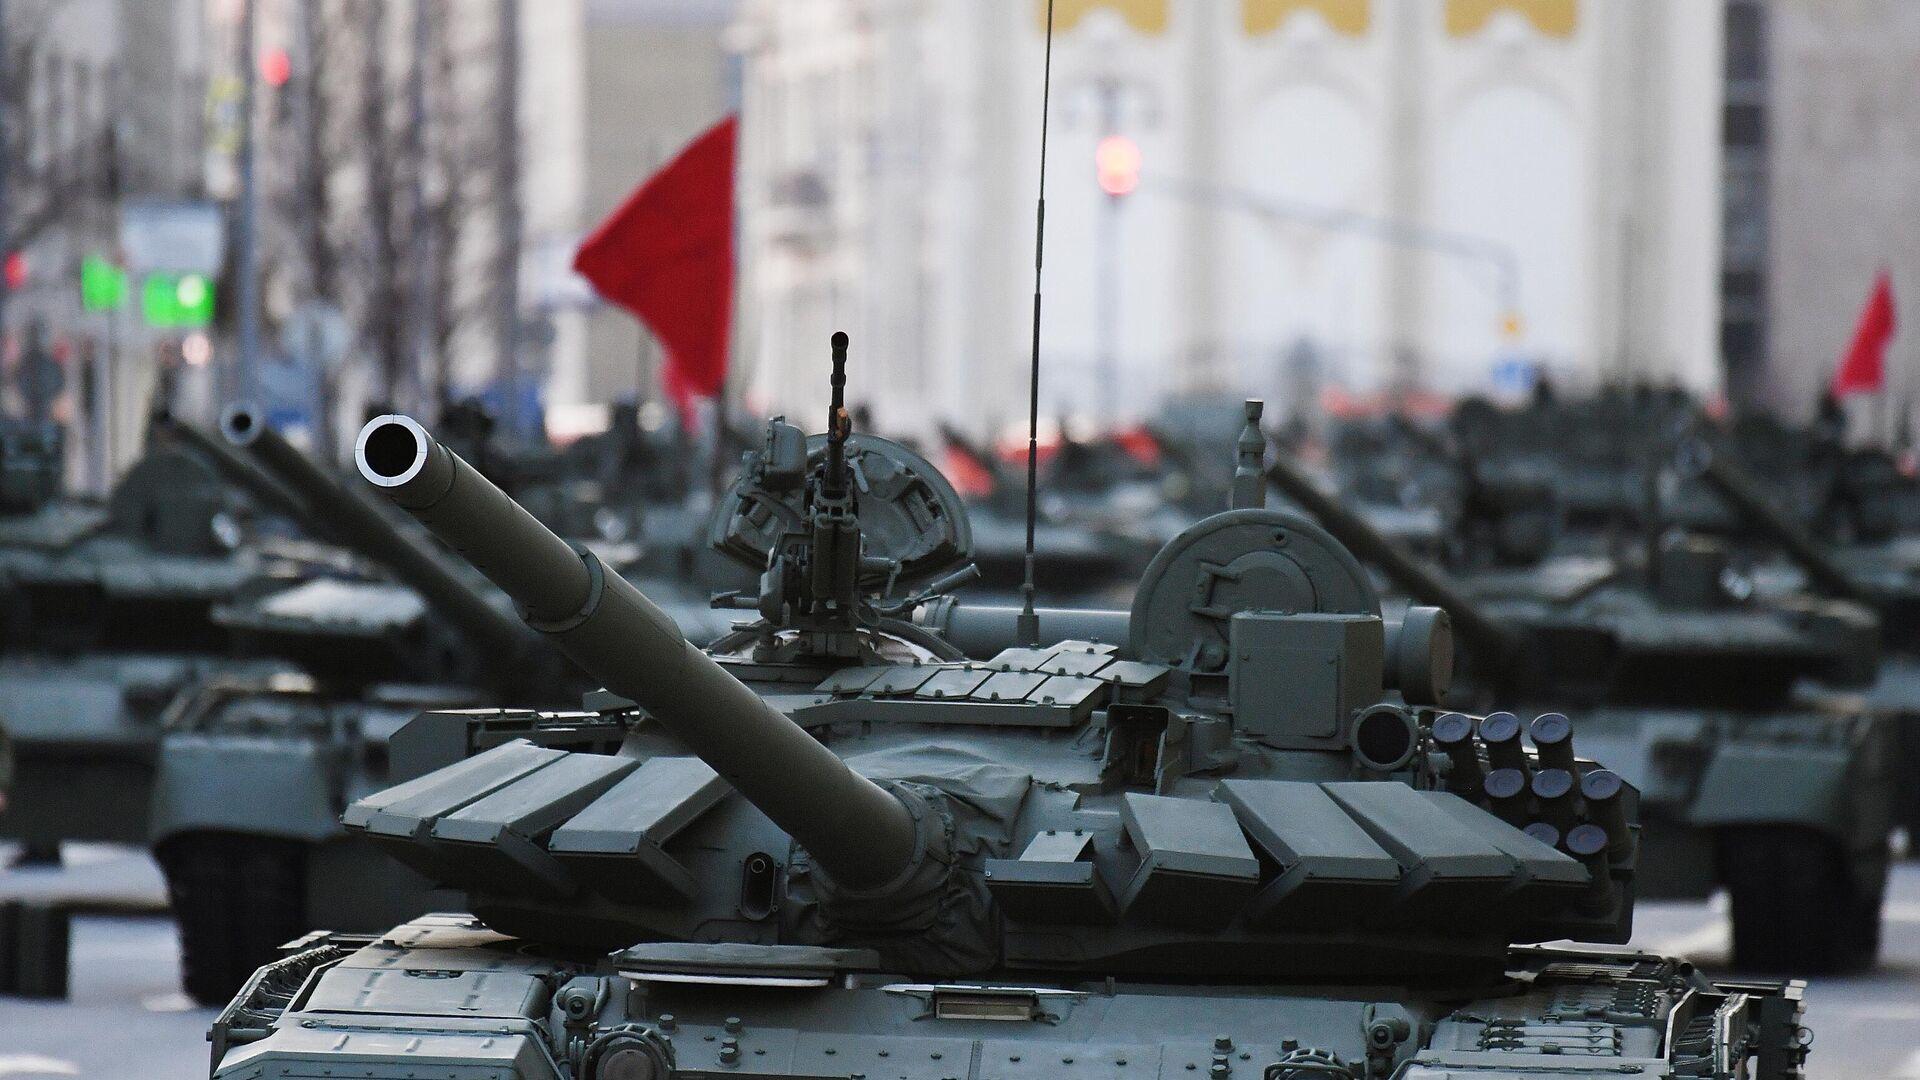 Танк Т-72Б3 на репетиции парада к 76-й годовщине Победы в Великой Отечественной войне - РИА Новости, 1920, 16.05.2021